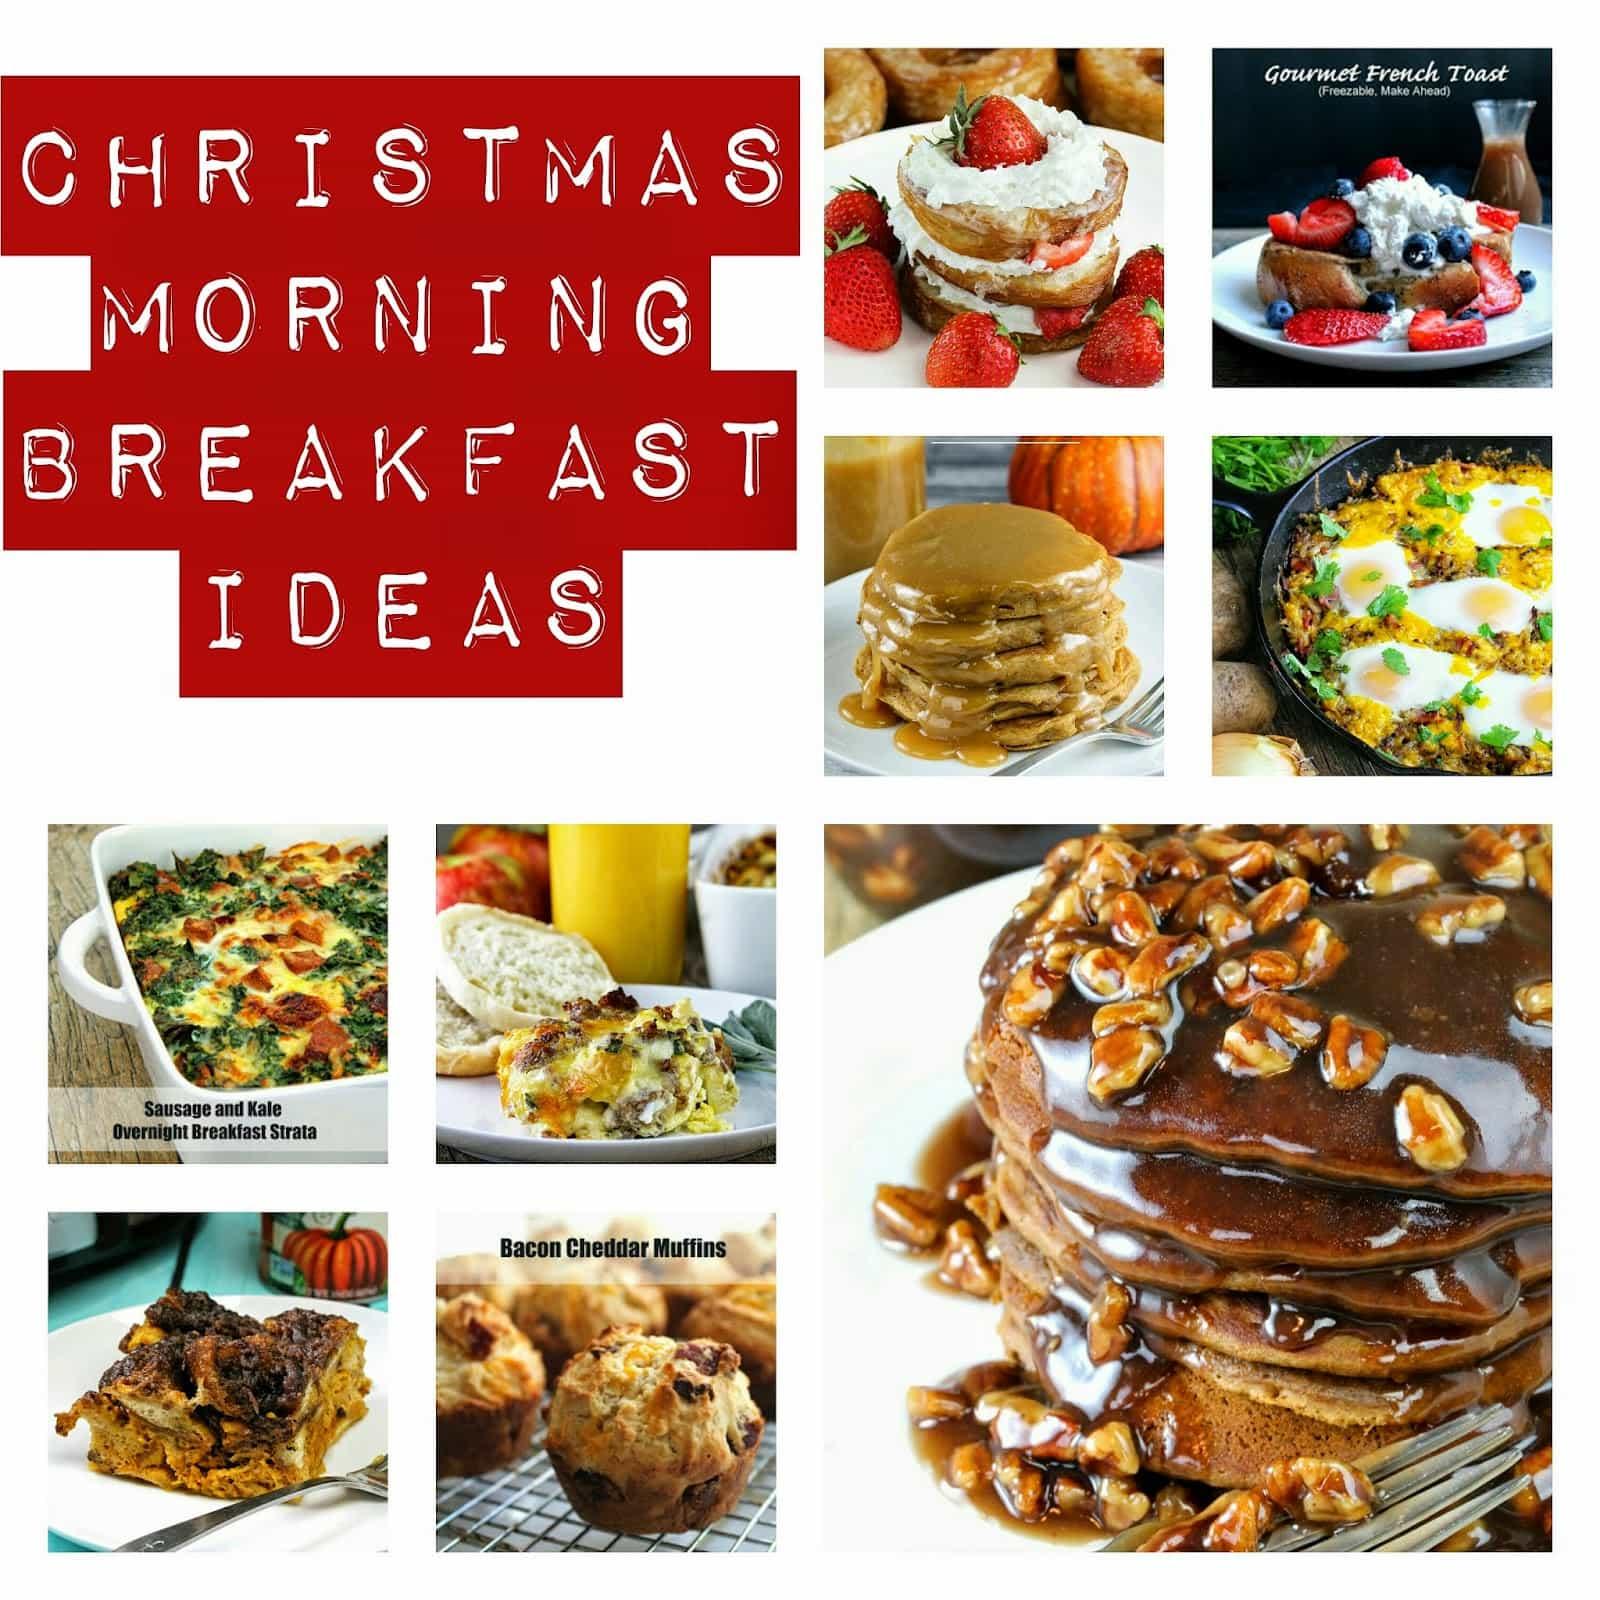 Christmas Morning Breakfast Ideas.Christmas Morning Breakfast